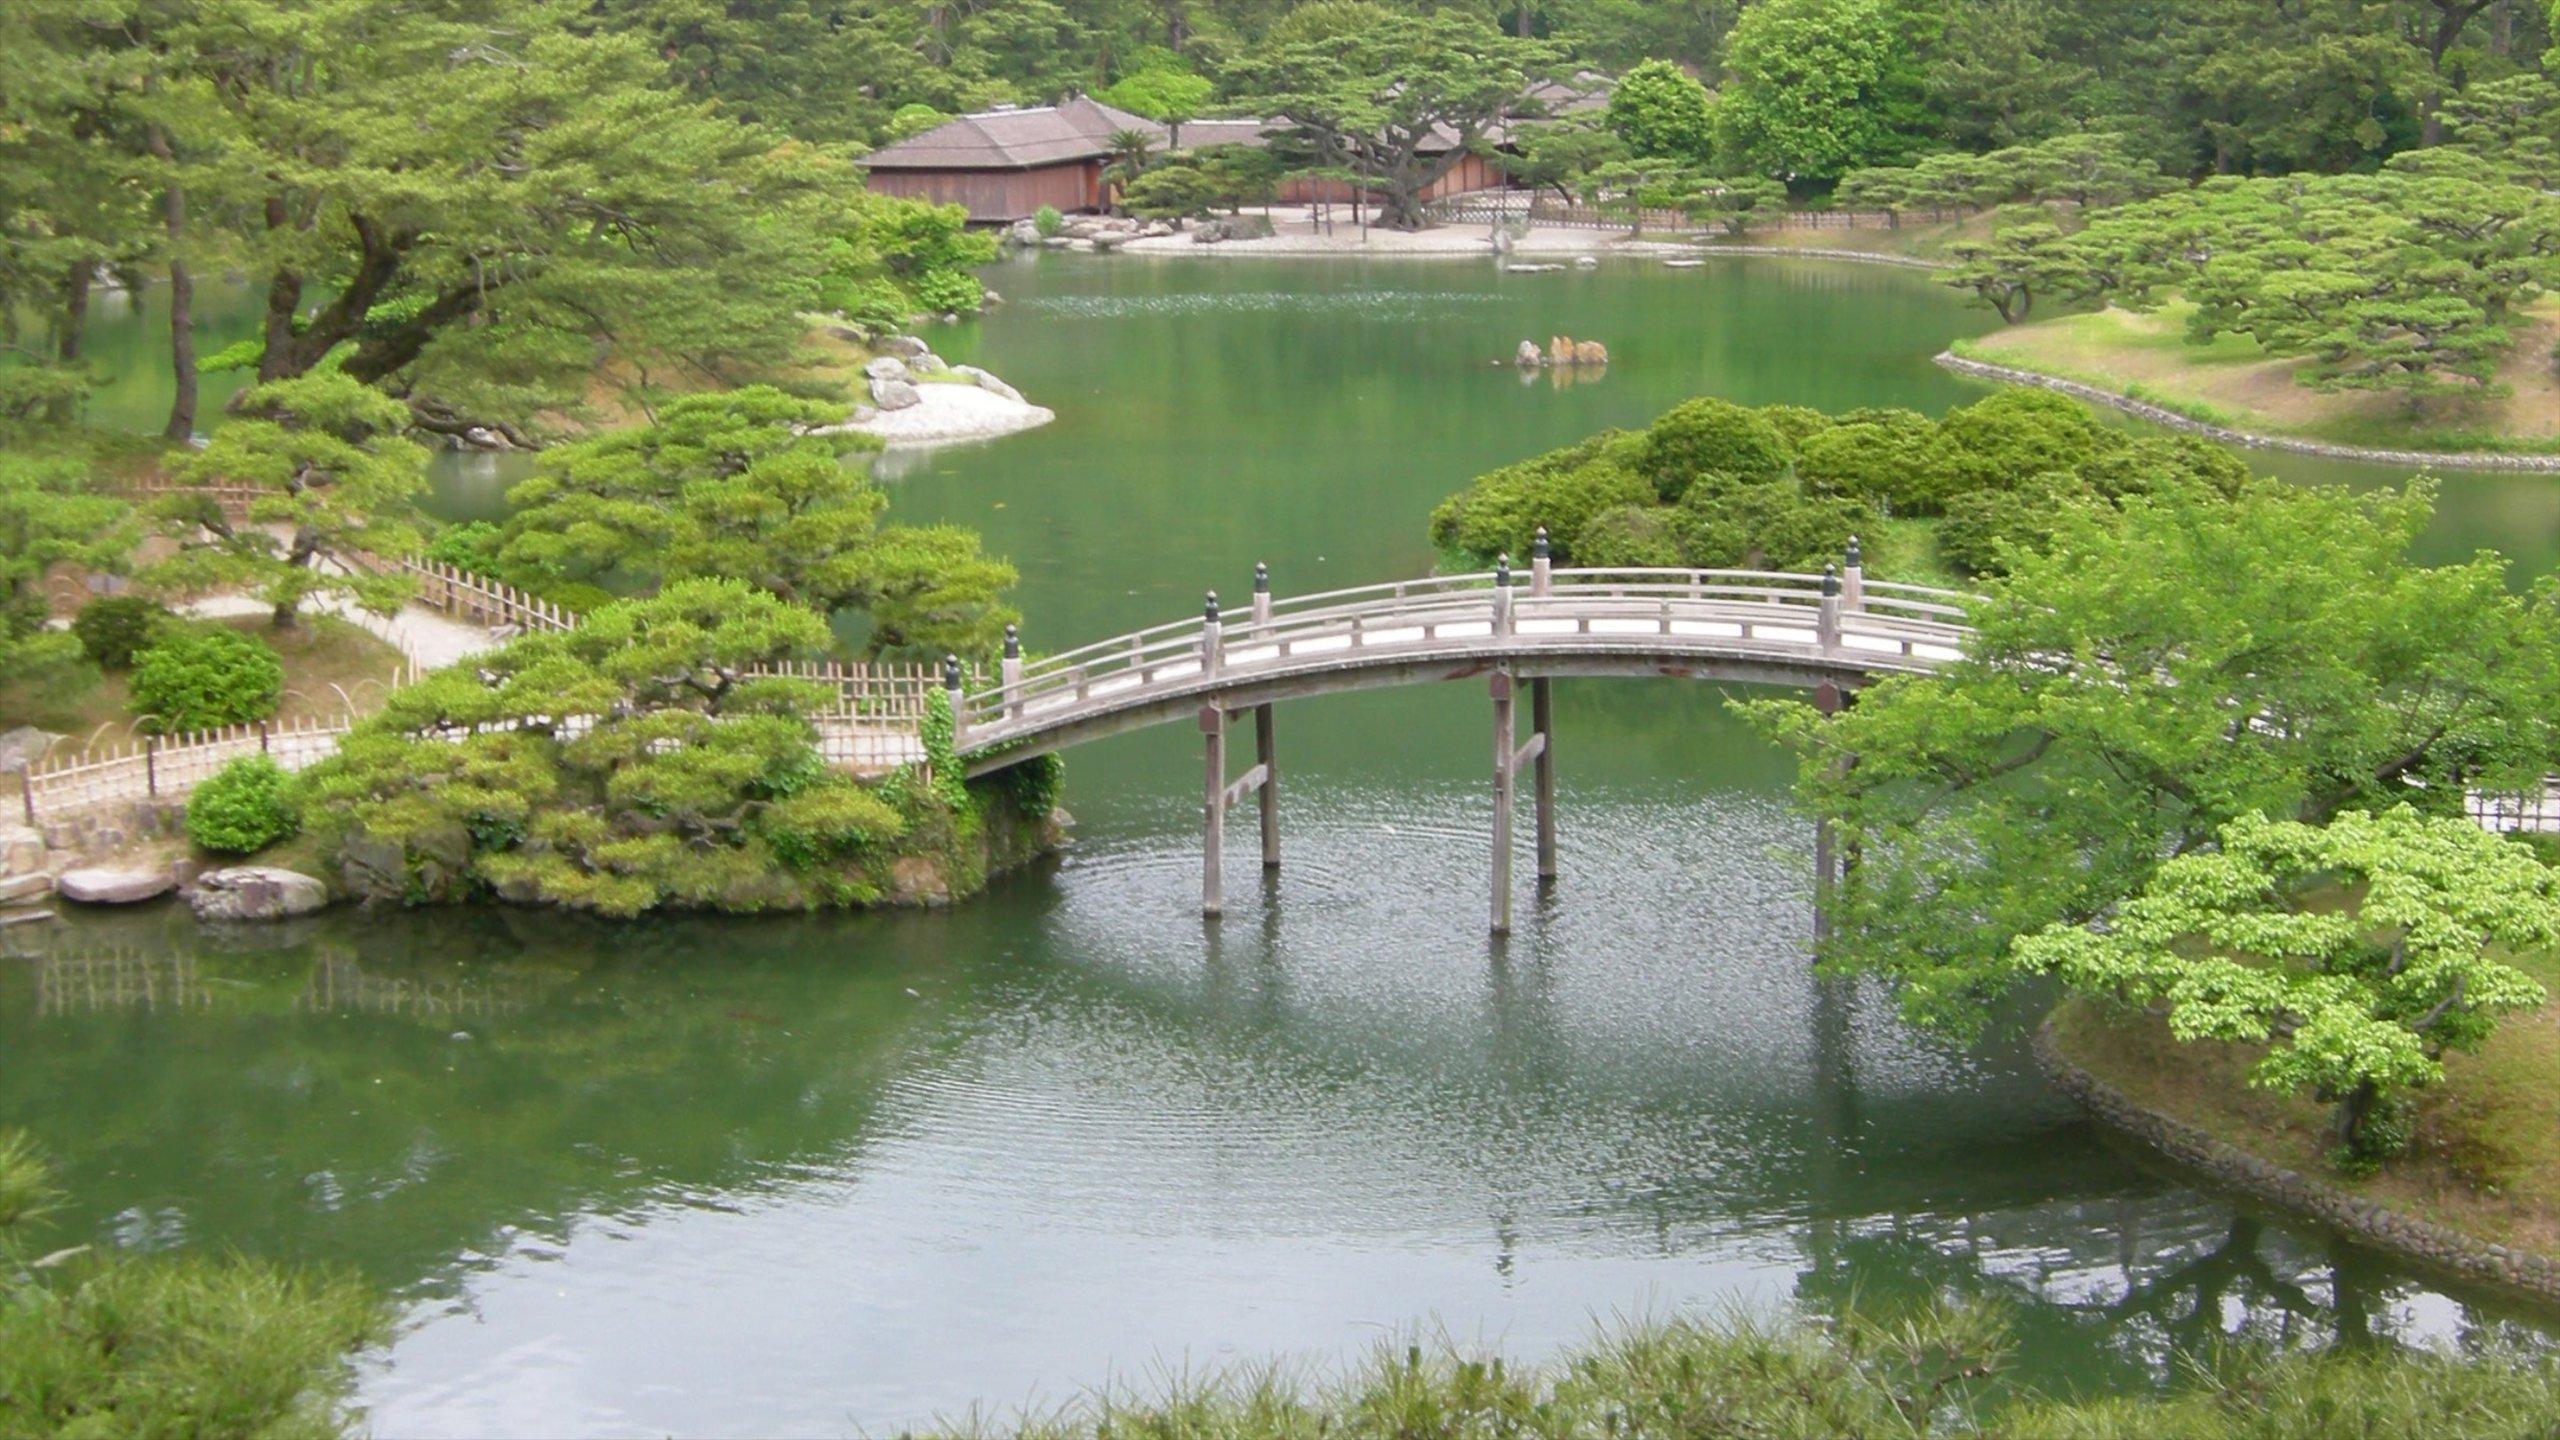 Ritsurin Garden, Takamatsu, Kagawa Prefecture, Japan